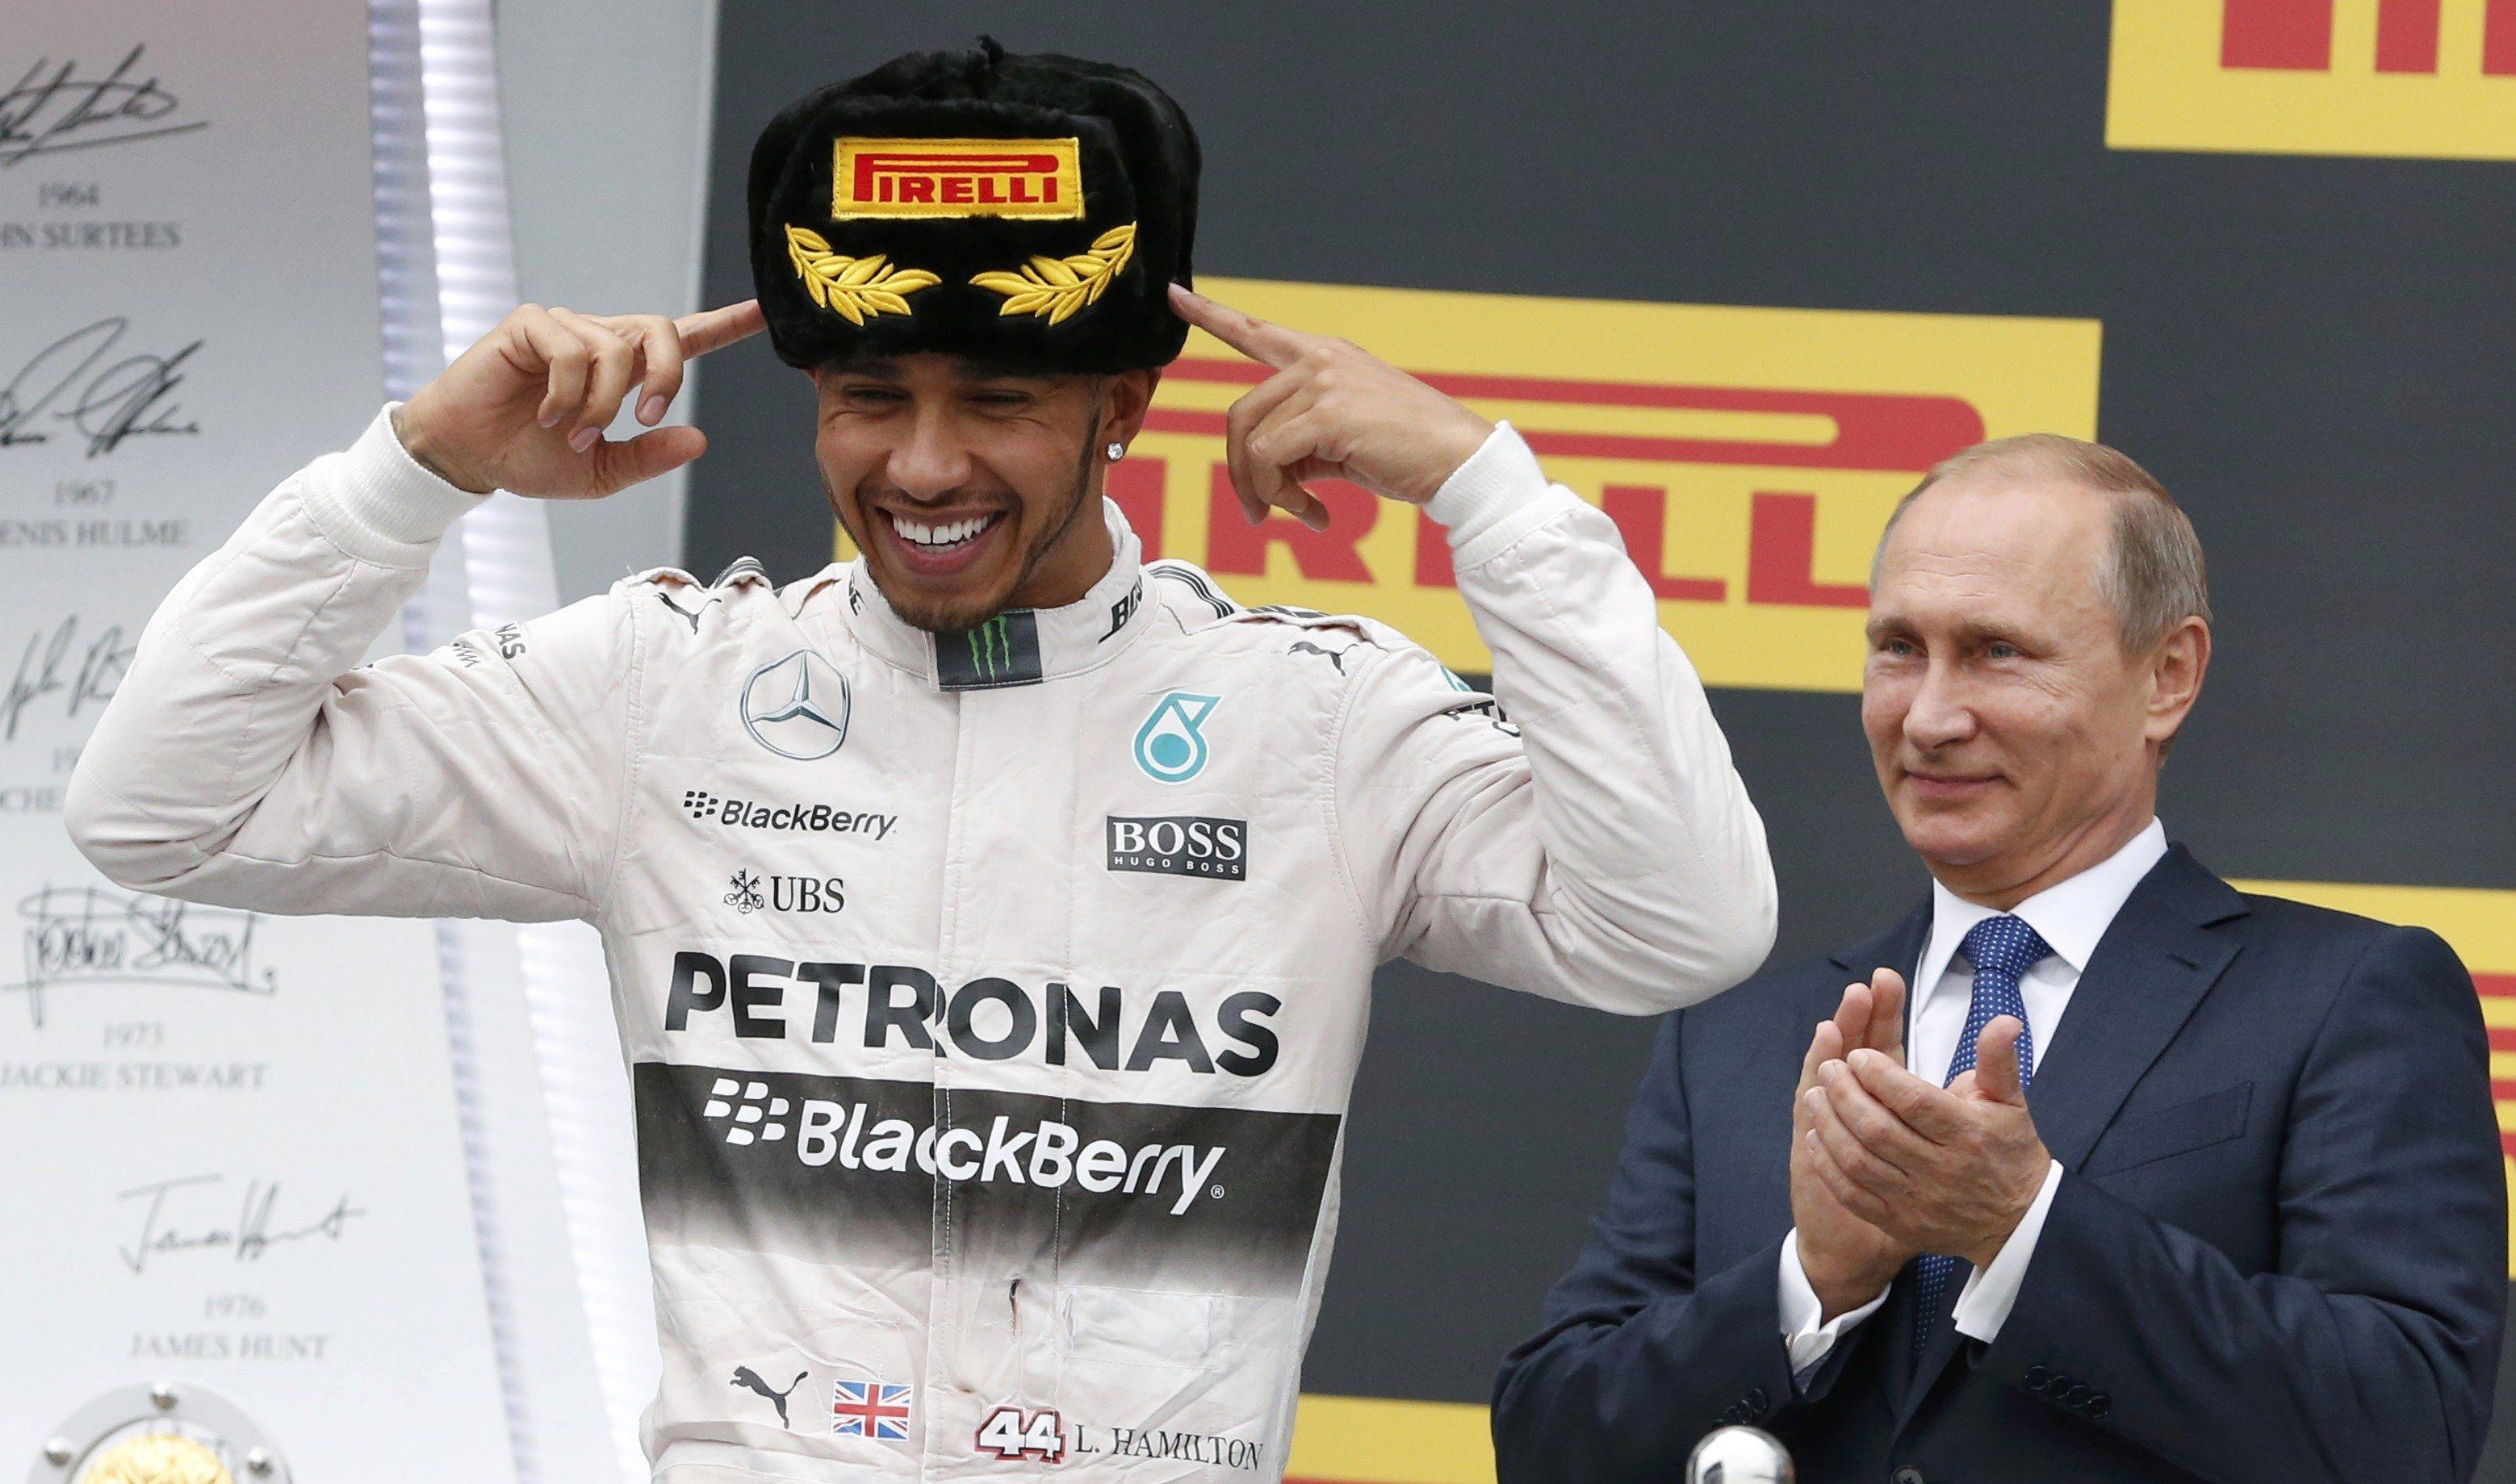 Con el de 2015, ¿cuántos campeonatos ha logrado el británico Lewis Hamilton?